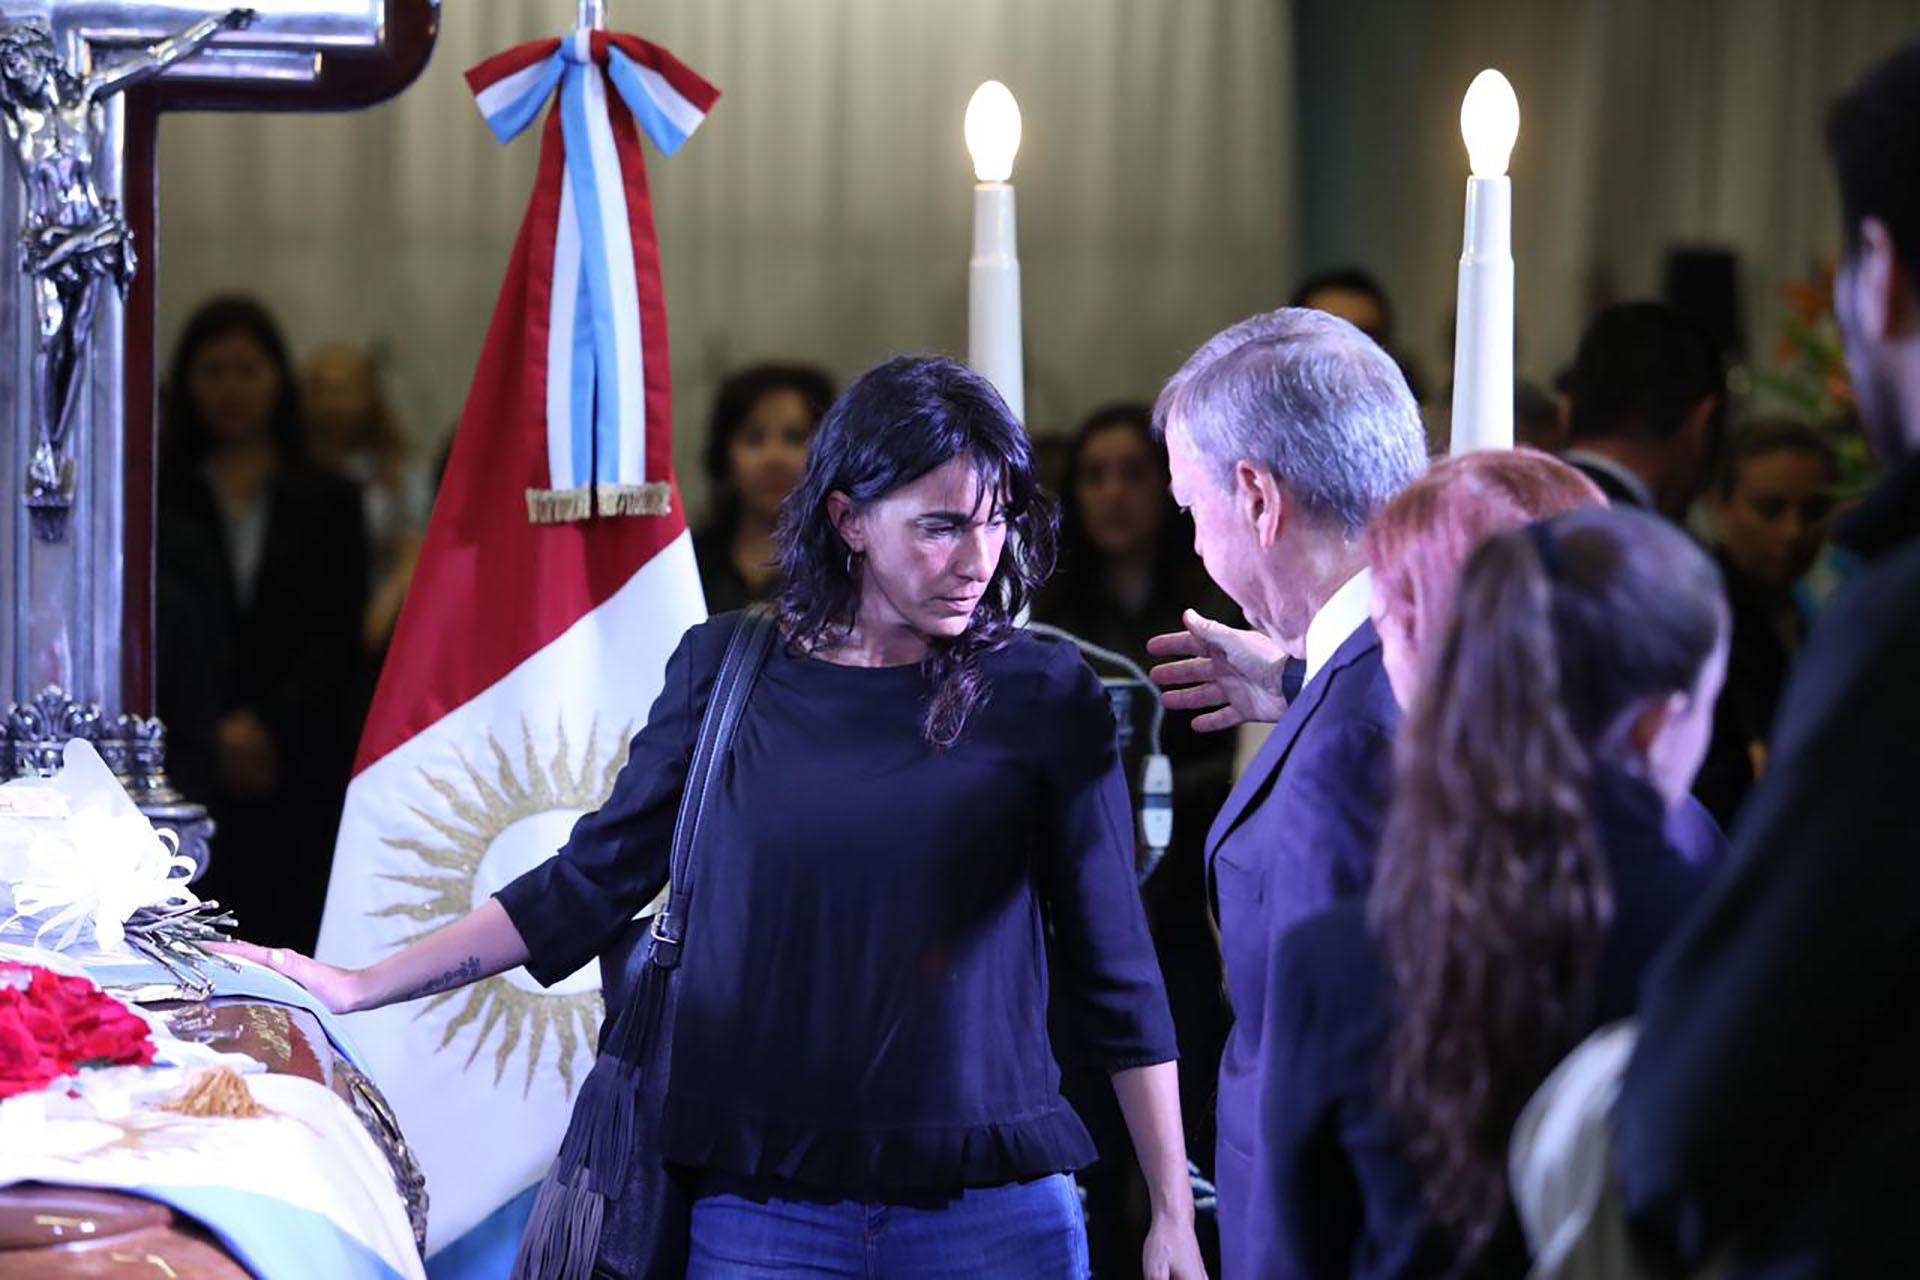 Natalia de la Sota despide los restos de su padre. El ex gobernador viajaba de Río Cuarto a Córdoba capital para celebrar el cumpleaños de la concejala